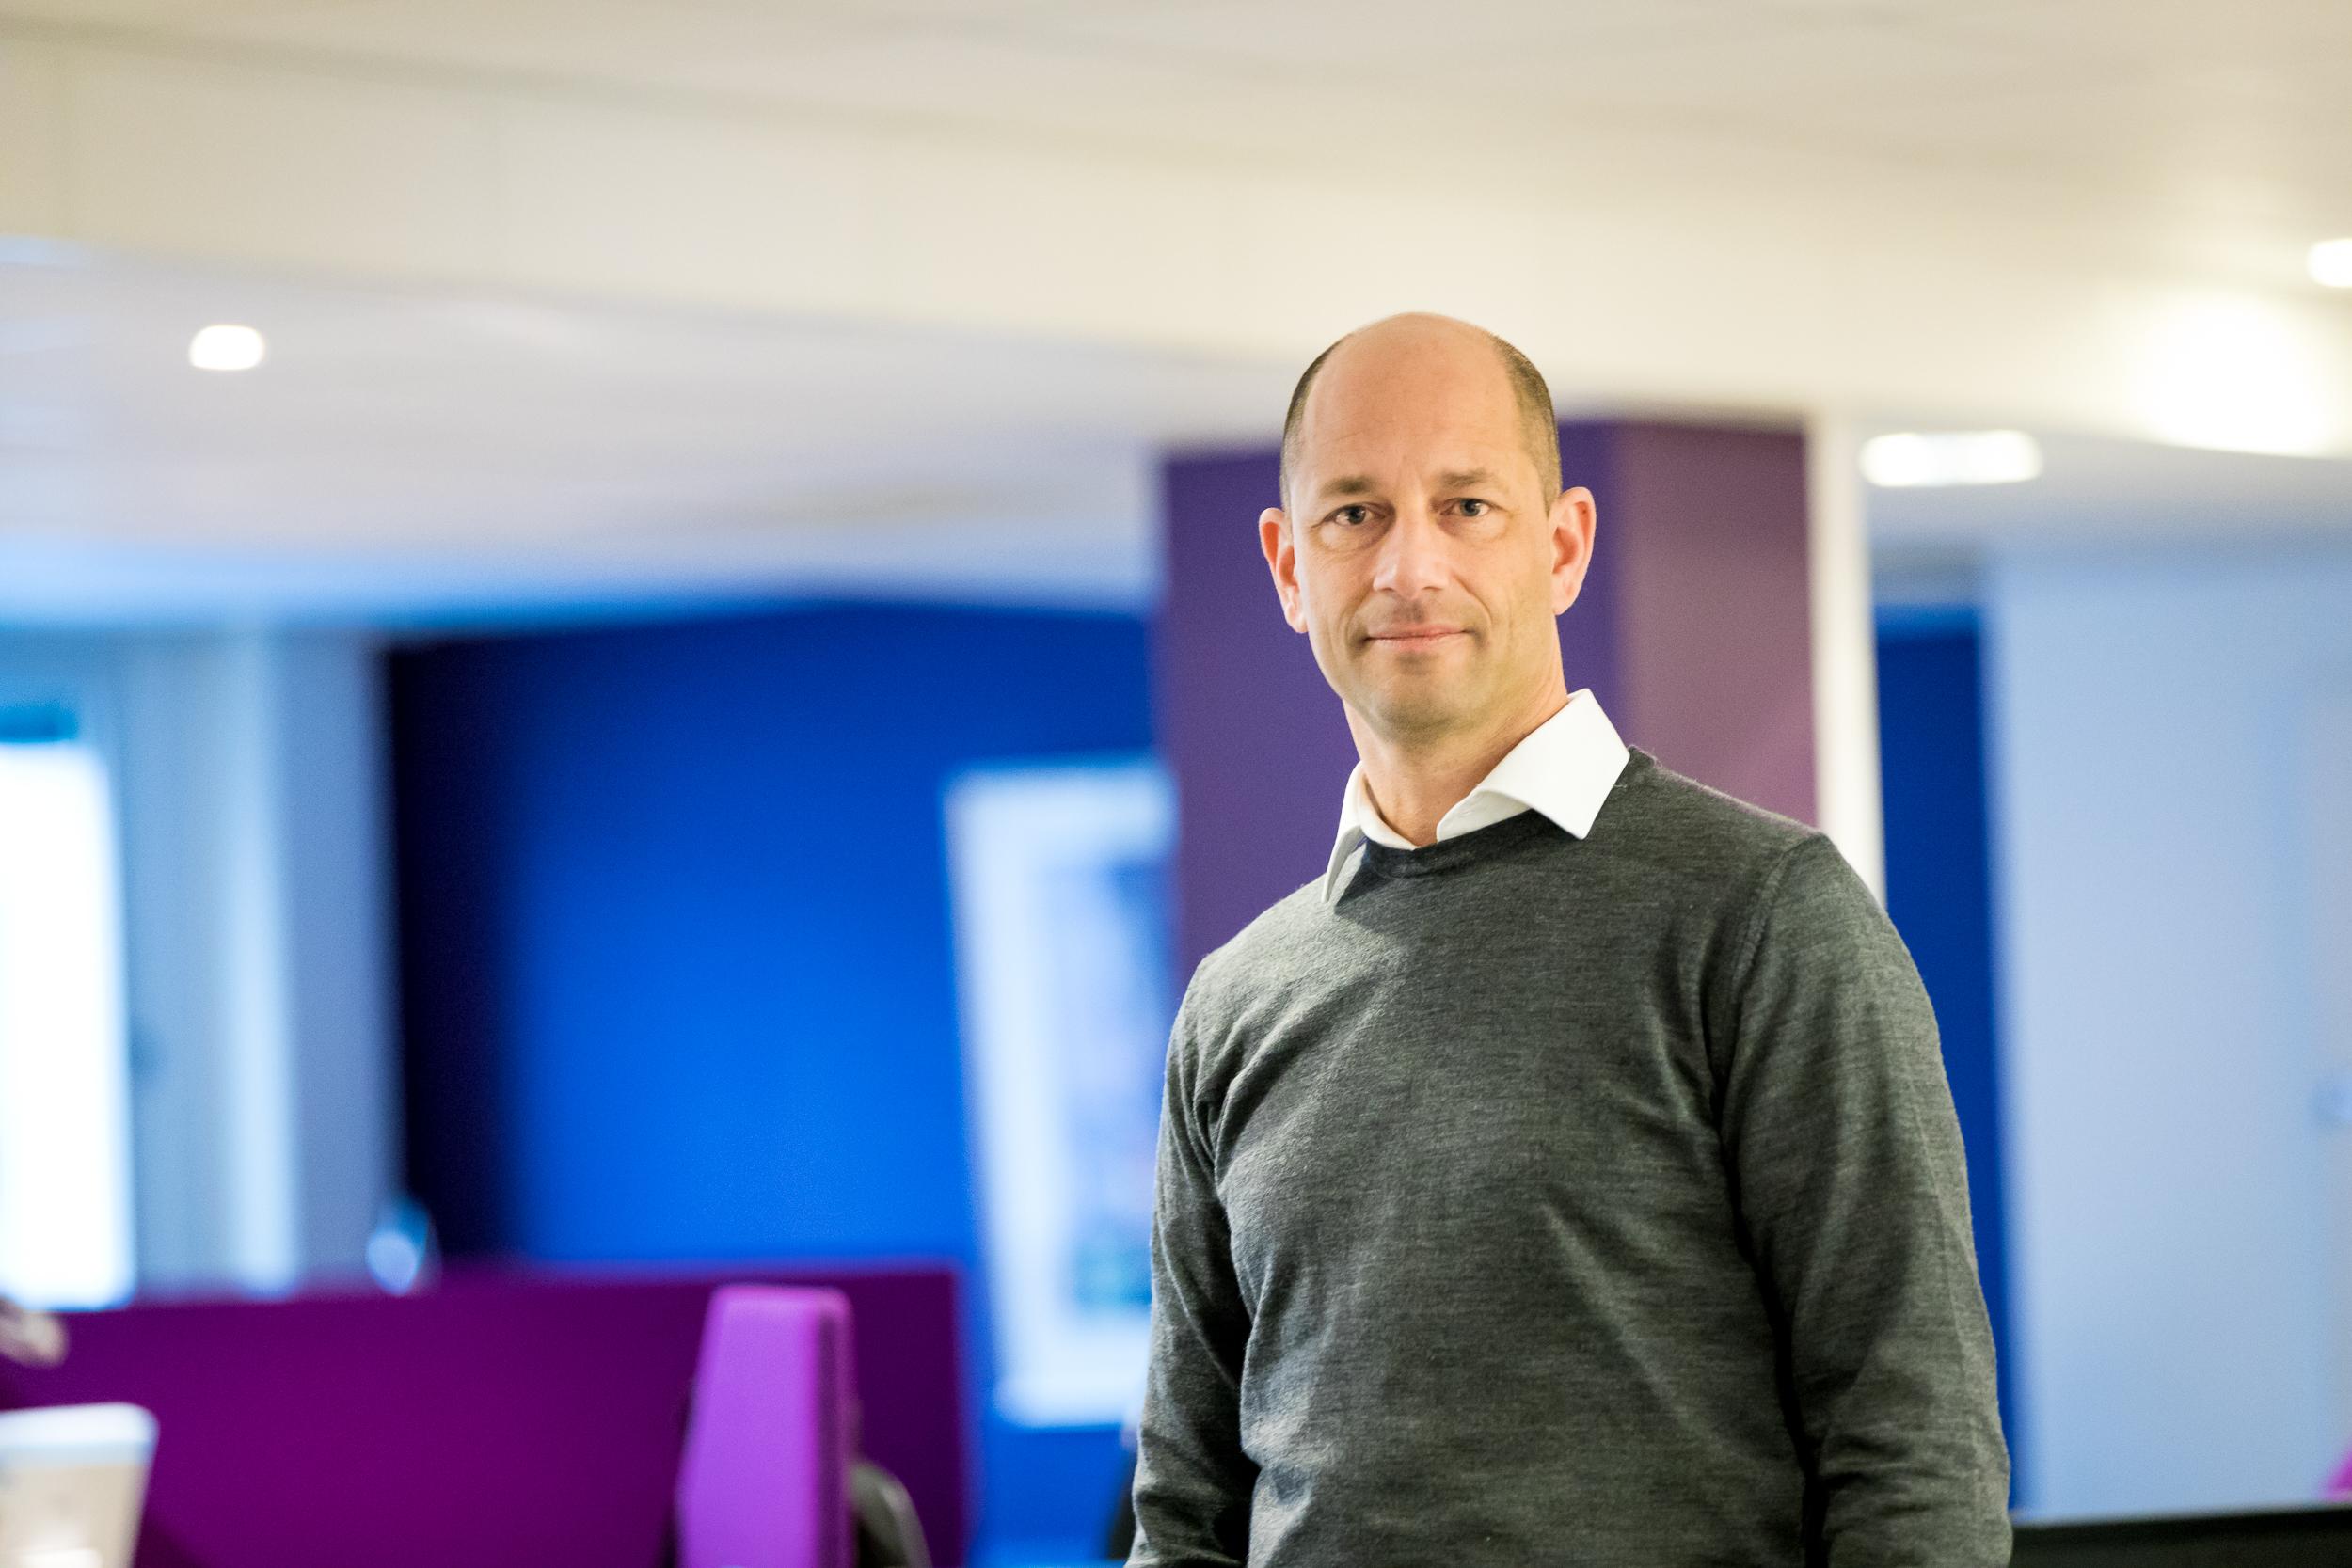 Ronnie Johnsen fra Euro Business School er en av foredragsholderne på frokostmøtene til Skåppå kunnskapspark.